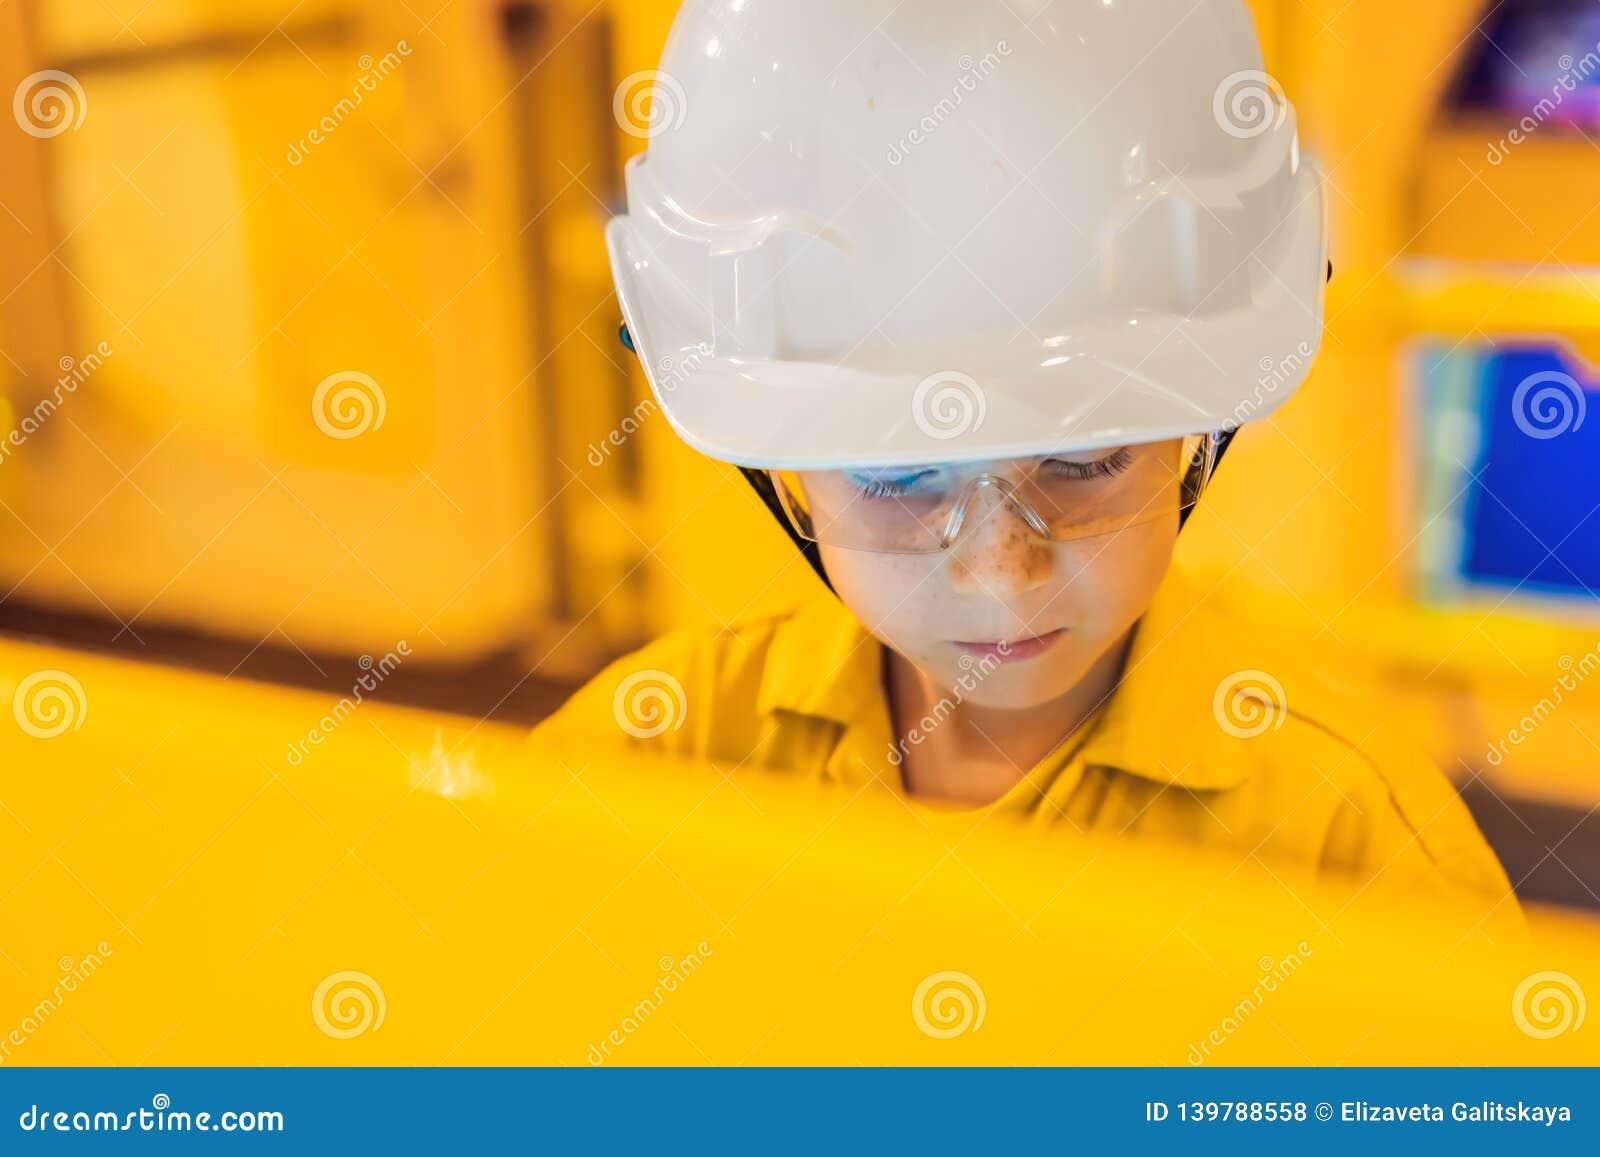 Λειτουργία καταγραφής χειριστών αγοριών της διαδικασίας πετρελαίου και φυσικού αερίου στο πετρέλαιο και εγκαταστάσεις εγκαταστάσε